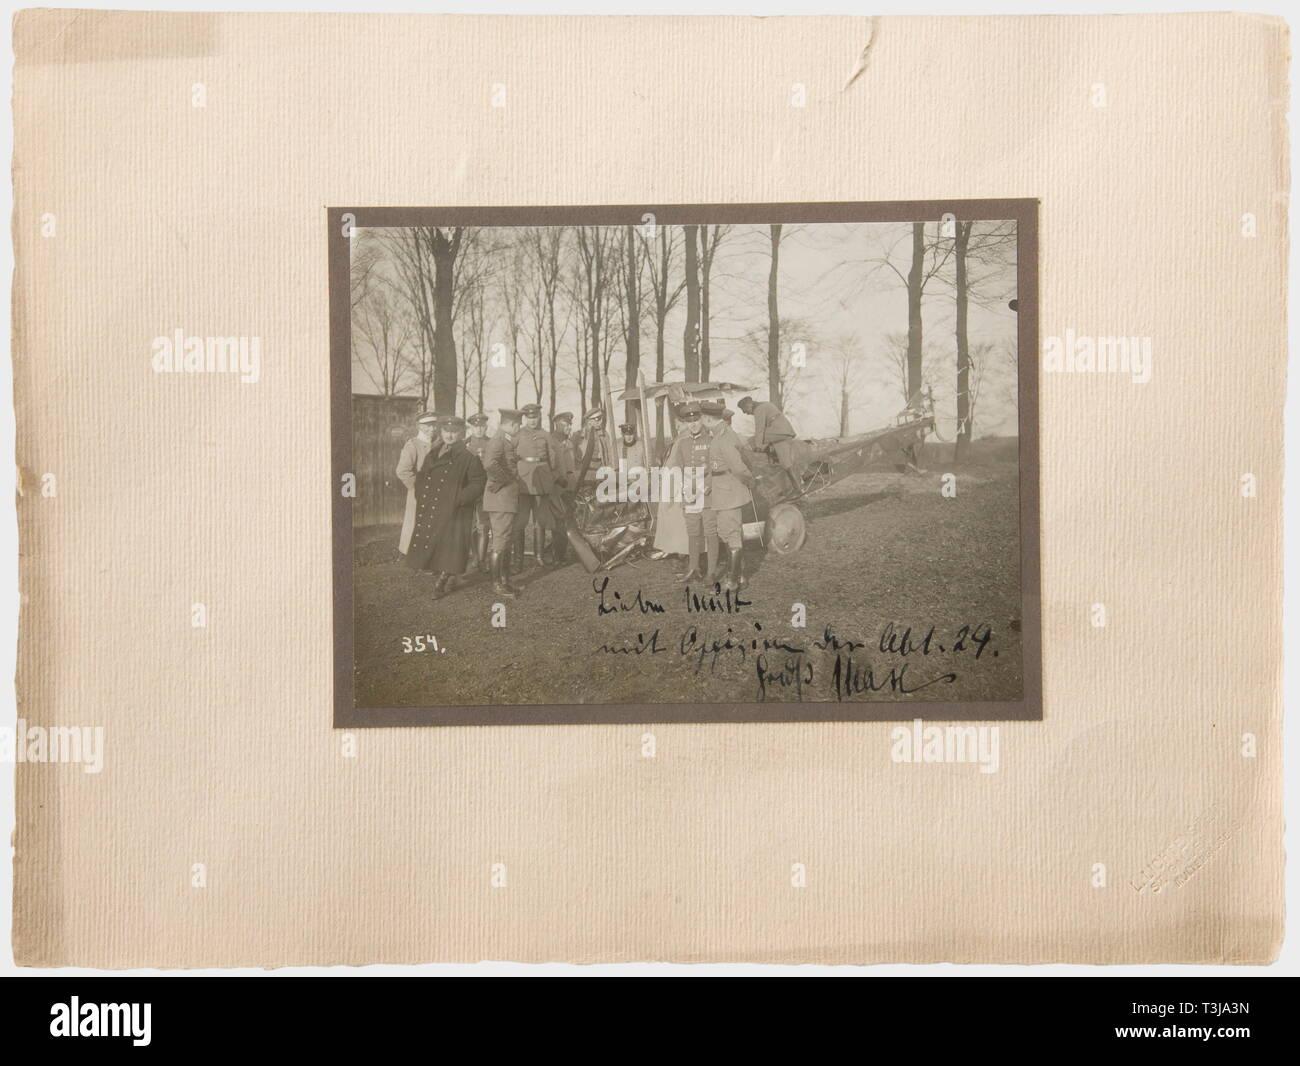 Premier Lieutenant Max Immelmann (1890 - 1916), une photo de son quatrième avion écrasé avec dévouement à sa mère Immelmann avec d'autres agents en face de l'appareils détruits, sur le bord inférieur droit à l'encre 'cher Maman - avec des agents de la 24e Détachement. Bonjour, Max.' avec le Mont, à l'arrière le nom de son frère Franz Immelmann. Après la sixième victoire Immelmann air le 17 novembre 1915, le roi de Saxe a invité à sa visite du 24e Détachement Saxon. Immelmann a atterri peu avant l'arrivée du Roi et a été immédiatement , Additional-Rights Clearance-Info-Not-Available- Banque D'Images